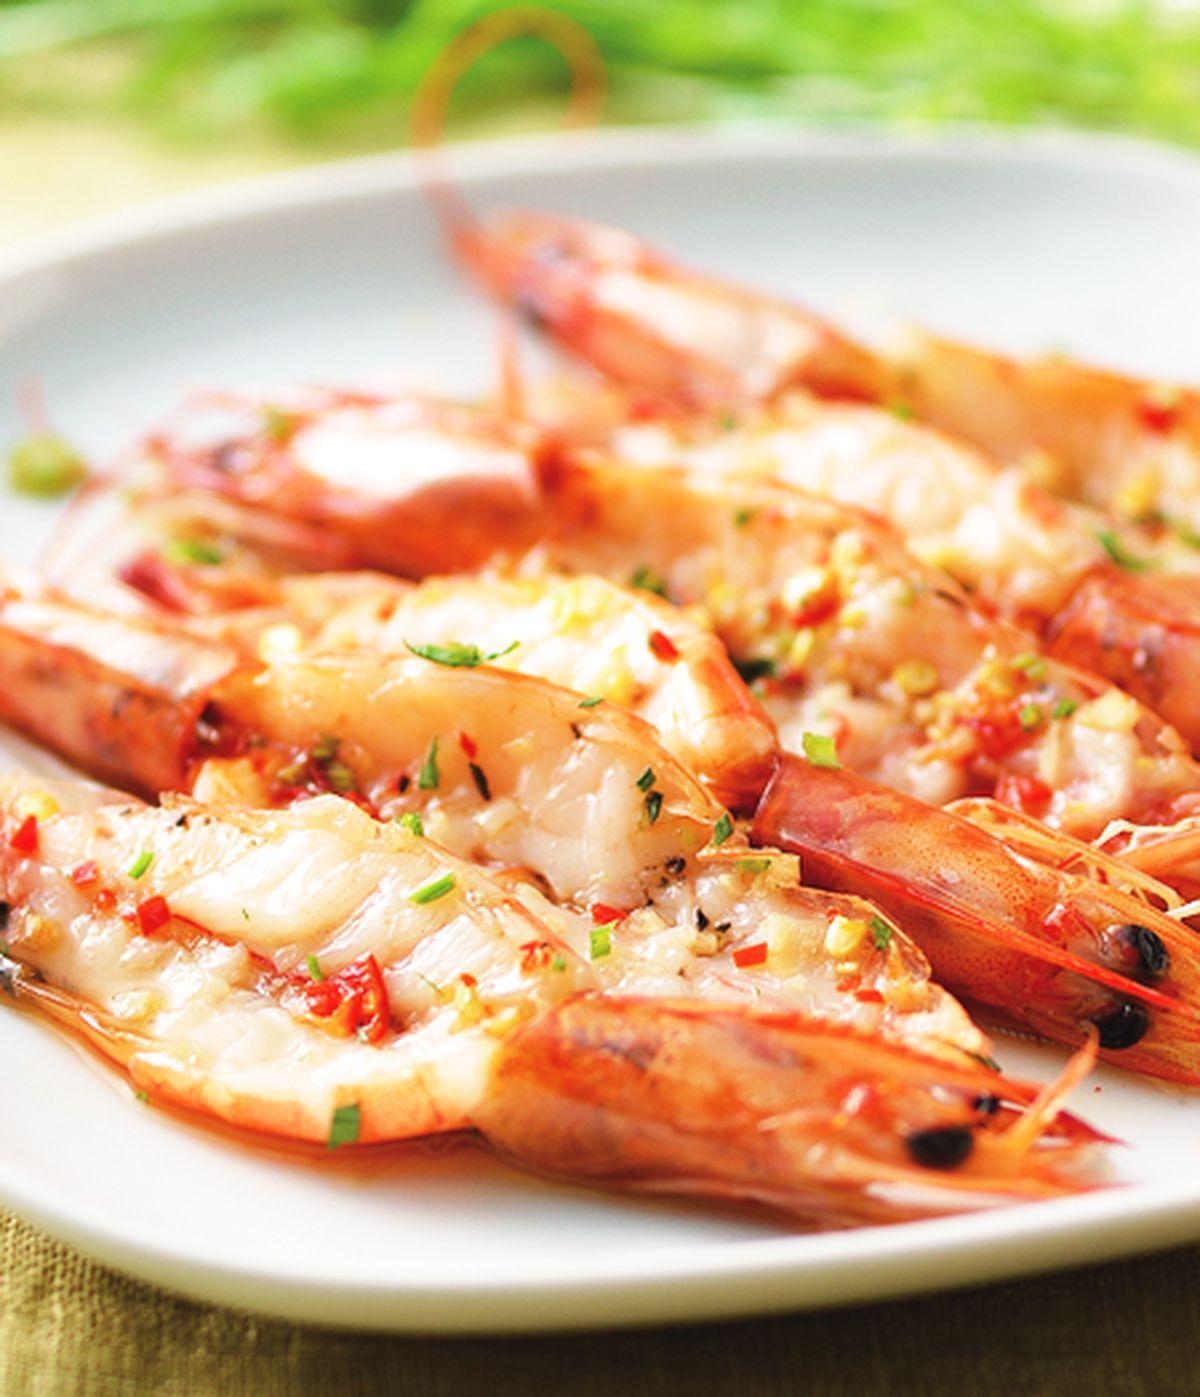 食譜:泰式烤鮮蝦